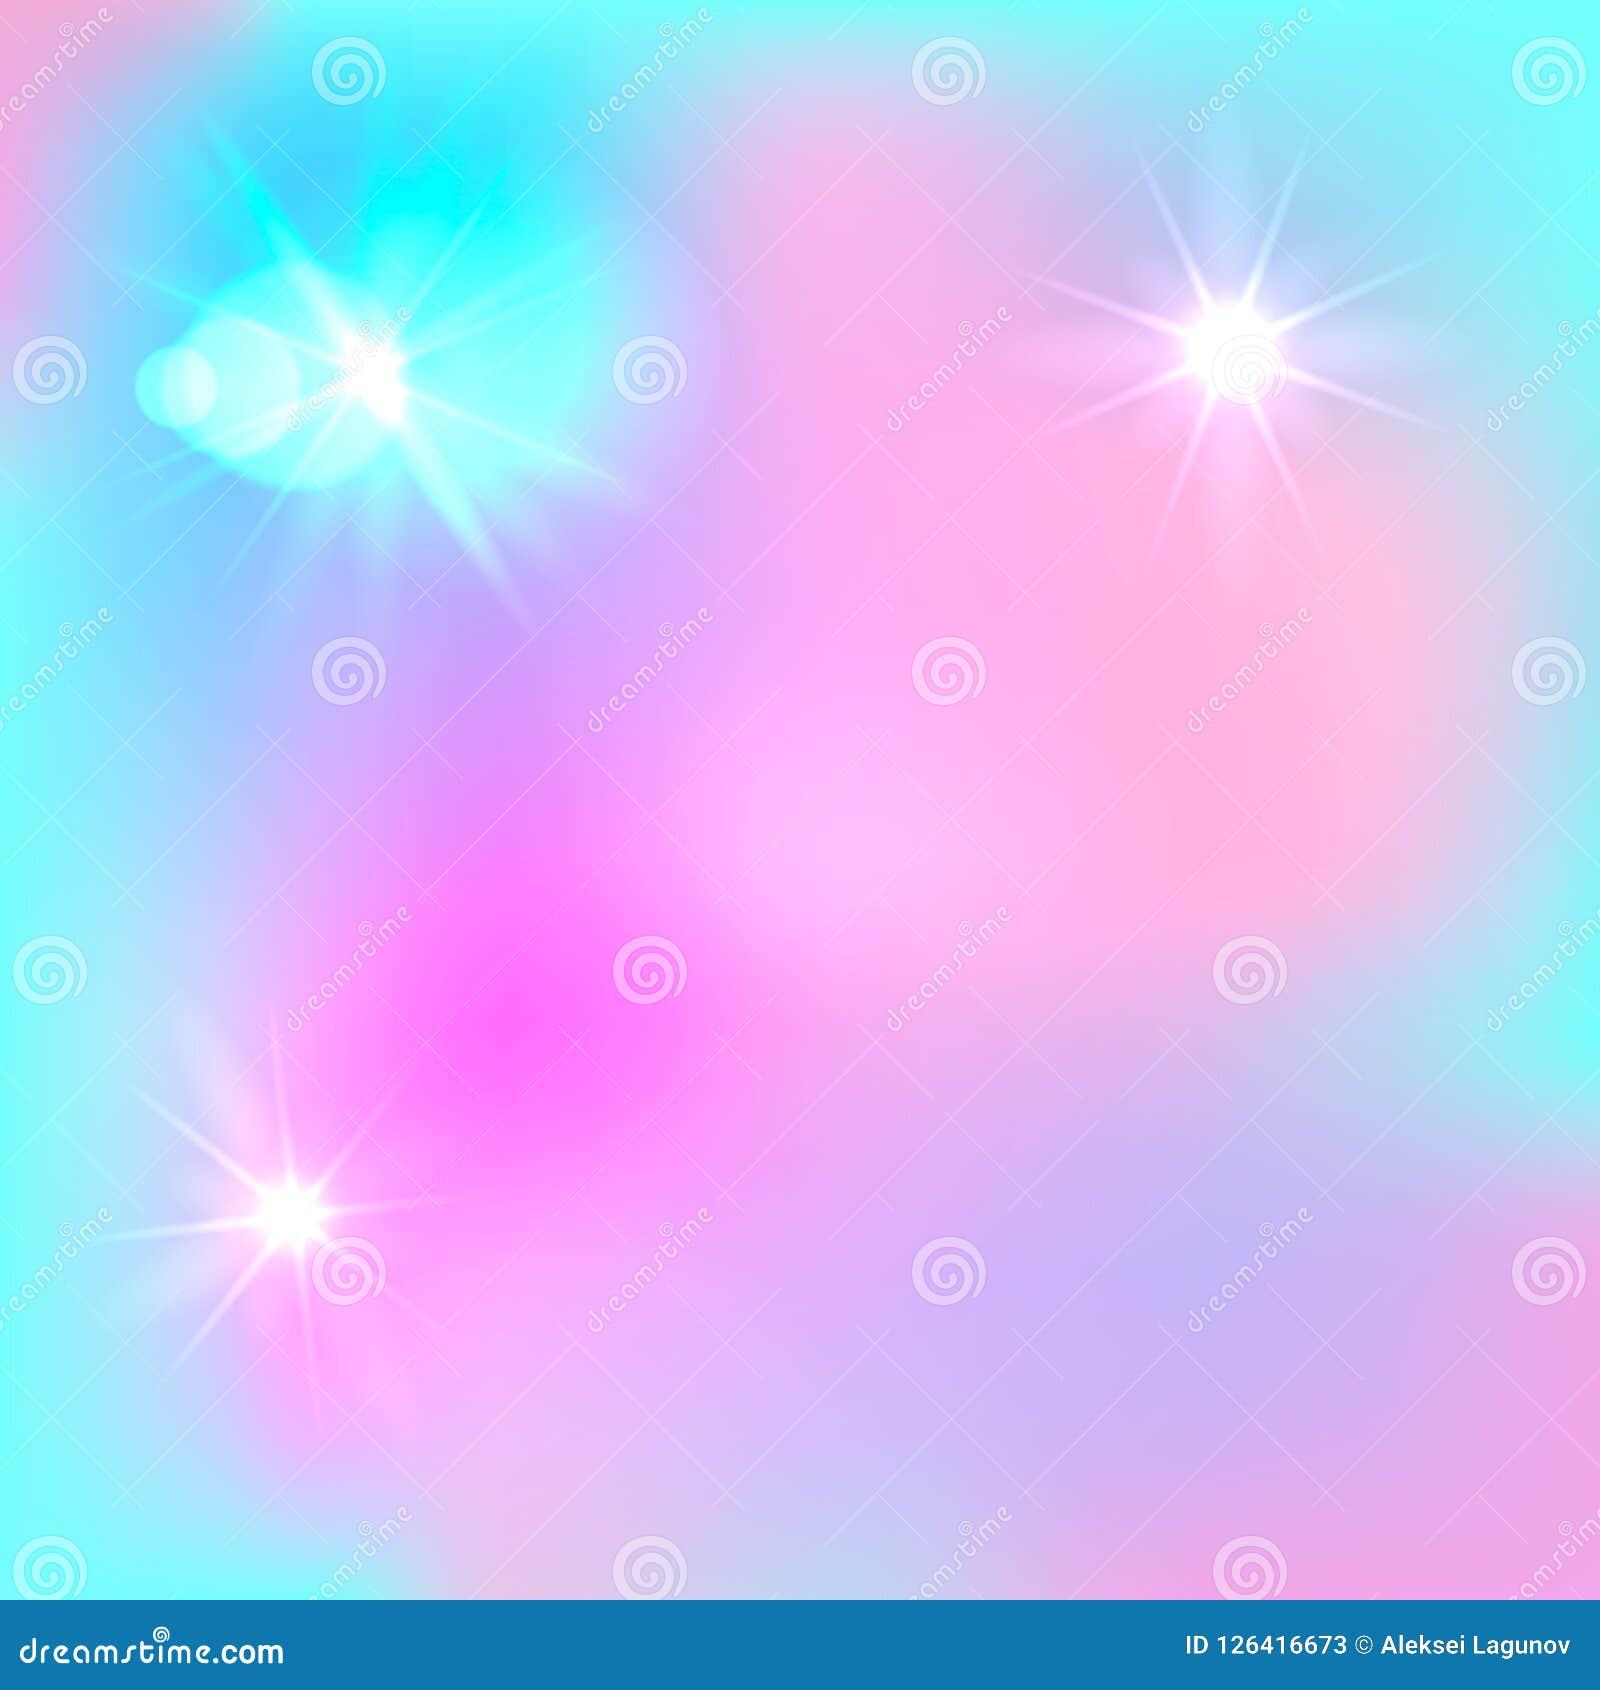 Vector o fundo mágico de Farytale, o contexto bonito, a luz - azul e o rosa